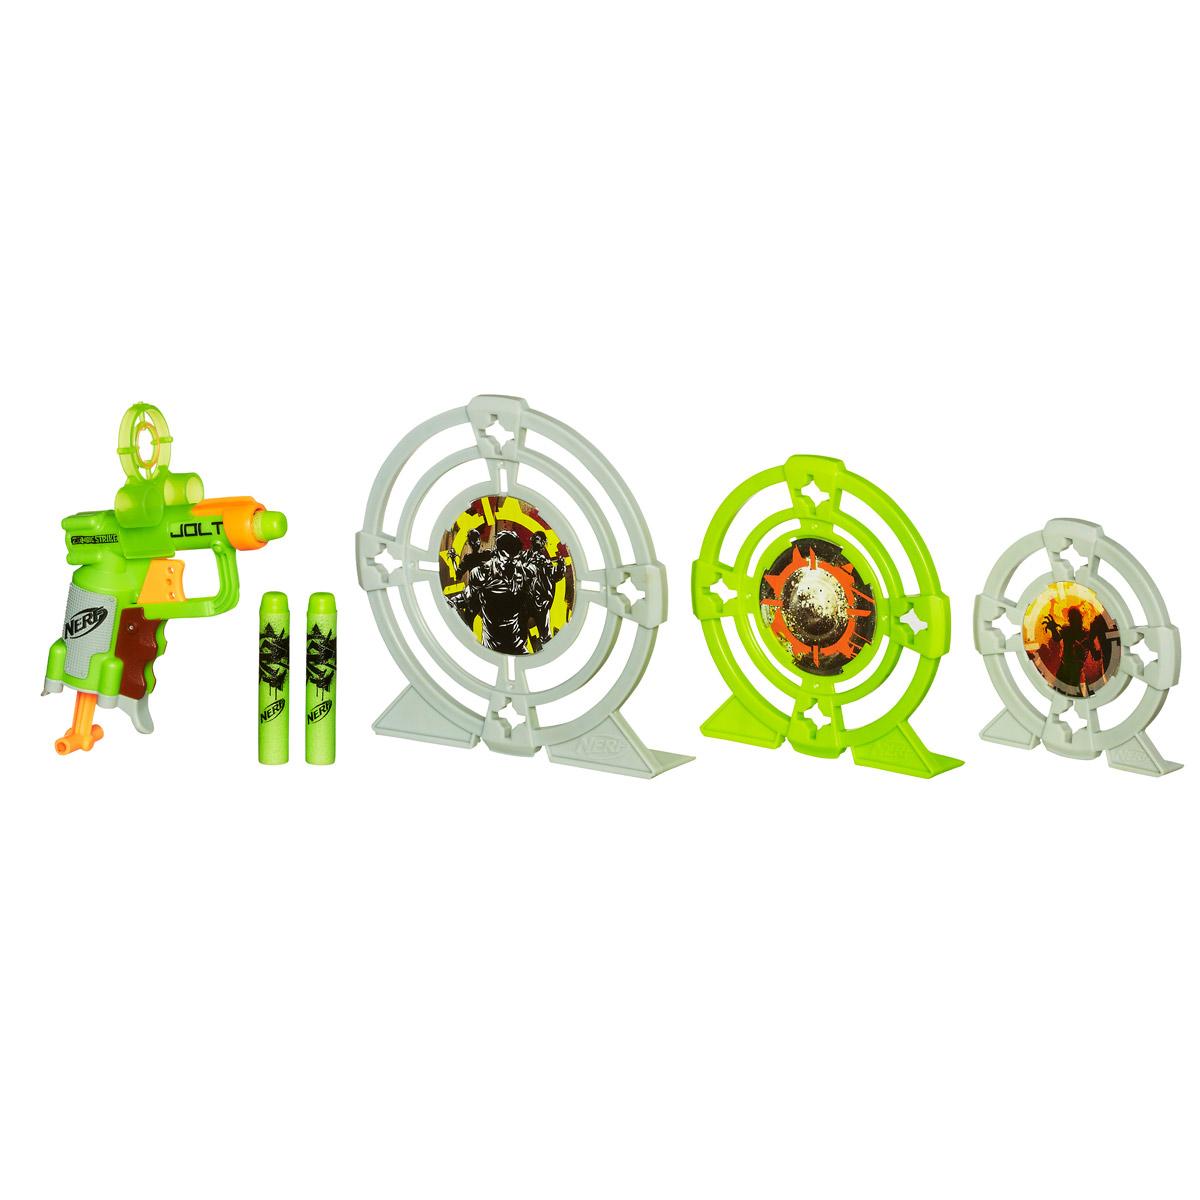 Nerf Бластер Zombie Strike, с мишенямиA6636E24Бластер Nerf Zombie Strike понравится любому мальчишке, ведь с таким оружием у зомби просто не будет шансов. Бластер выполнен из прочного пластика и оснащен обоймой на одну стрелу. В комплекте имеются 3 стрелы, выполненные из вспененного полимера, 3 мишени разного размера с изображением зомби, а также съемный прицел на бластер с отсеками для двух стрел. Игра с таким бластером поможет ребенку в развитии меткости, ловкости, координации движений и сноровки.